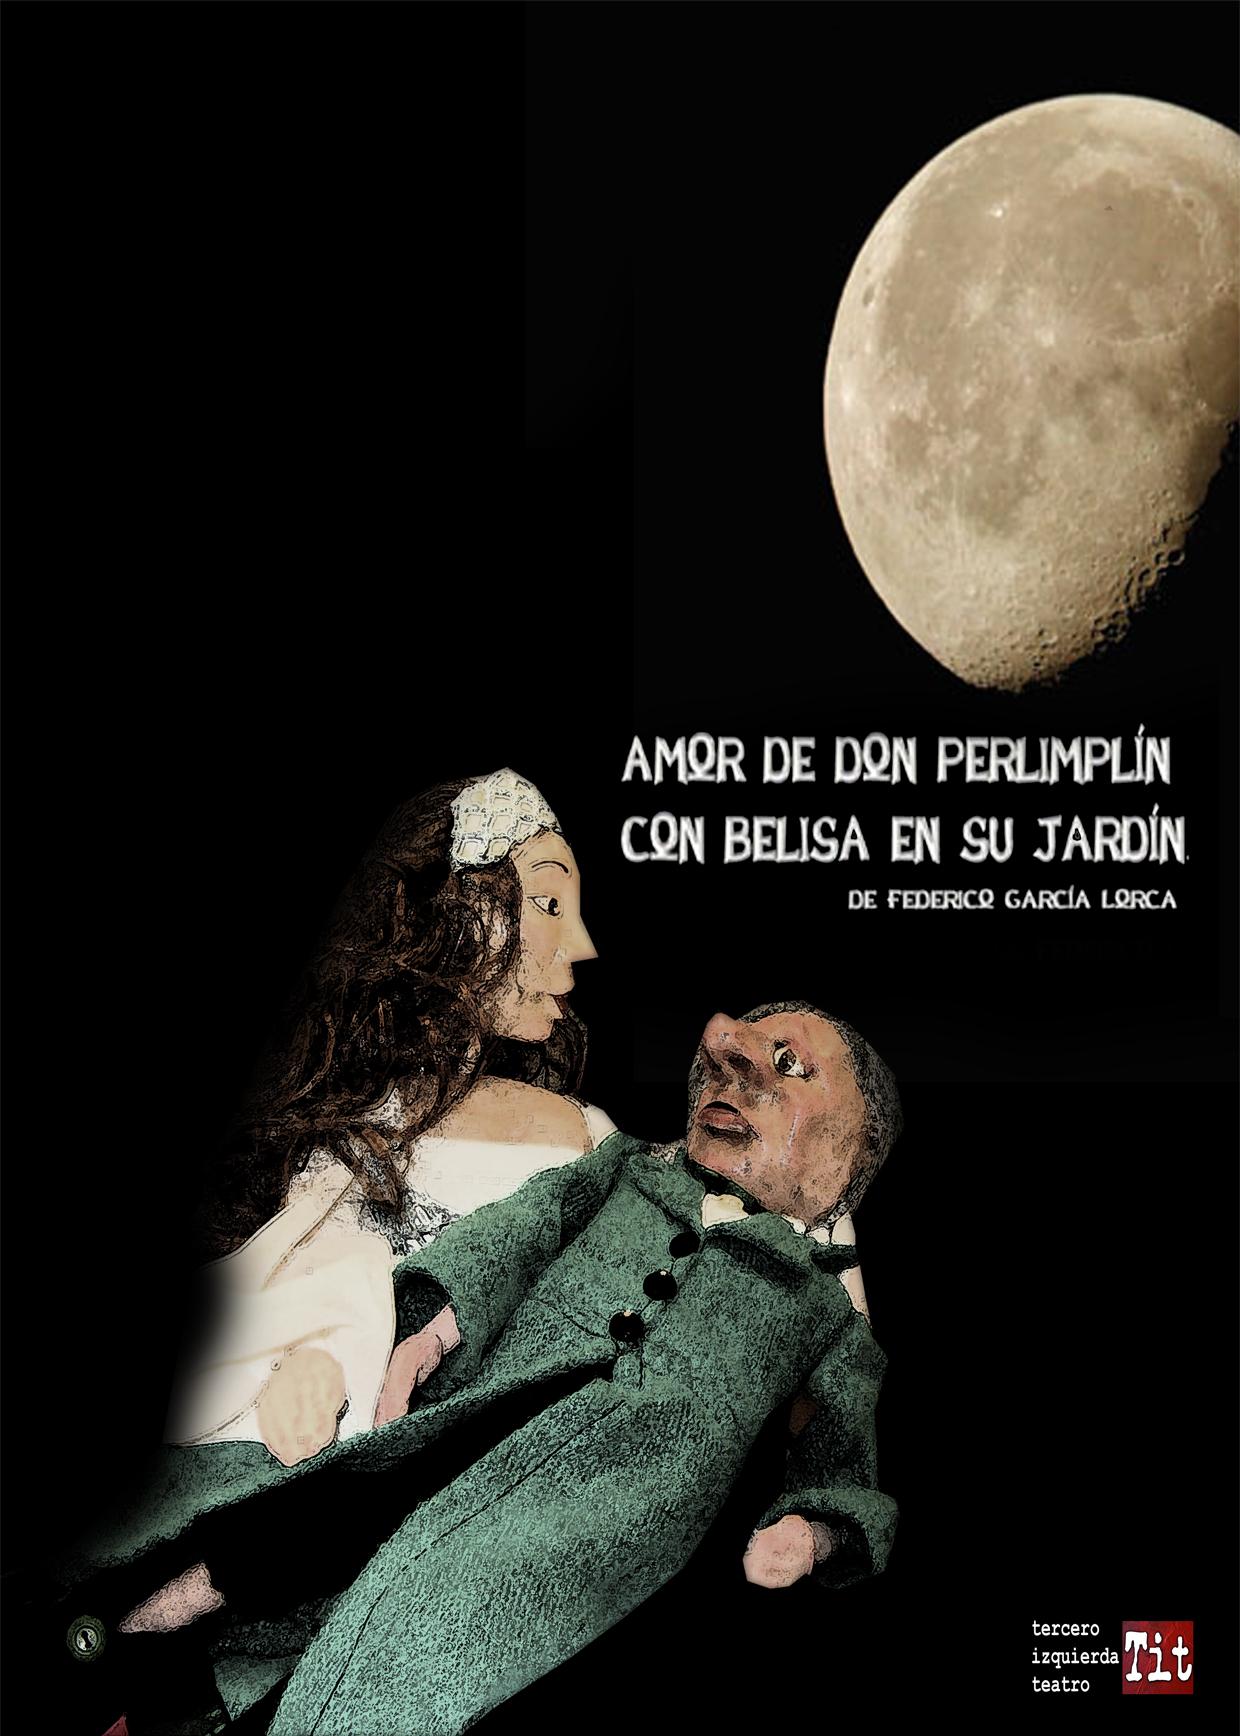 Amor de don perlimpl n ea teatro for Amor de don perlimplin con belisa en su jardin